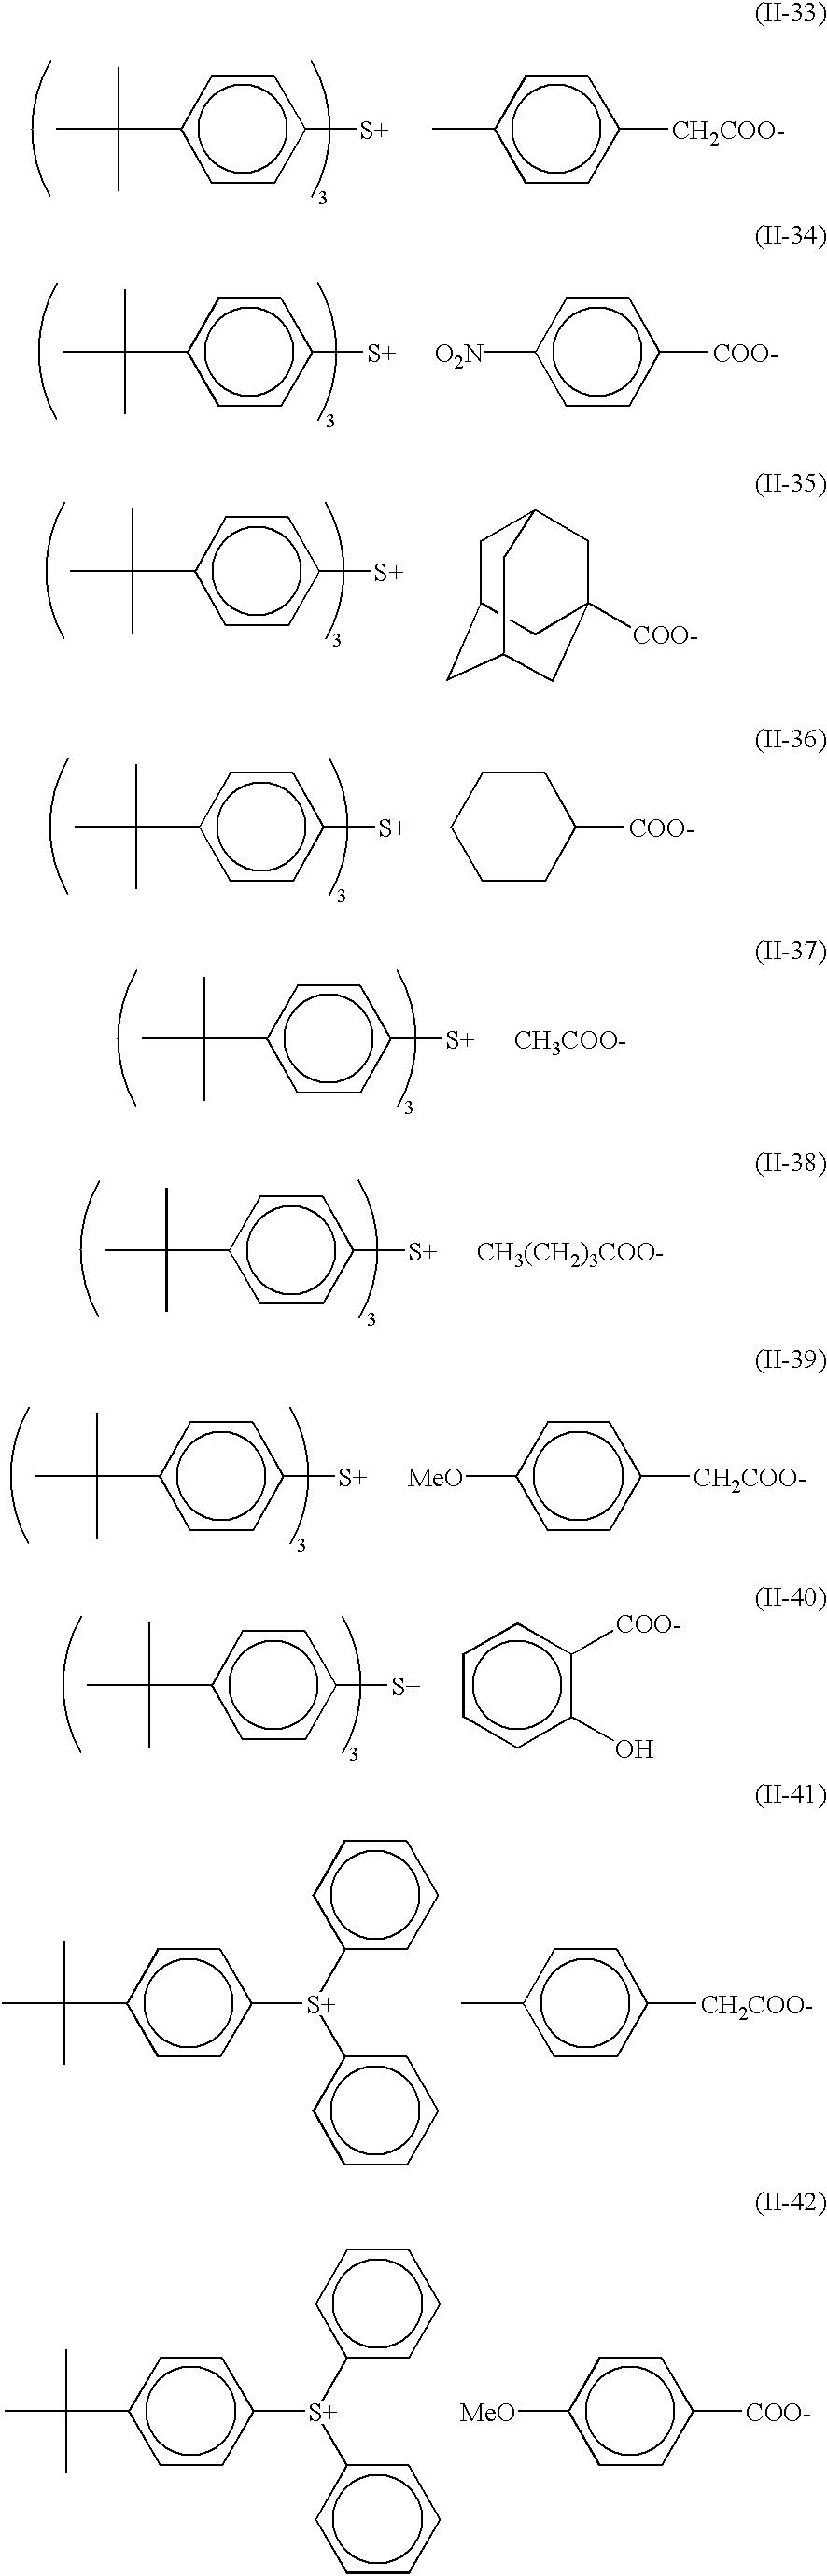 Figure US06492091-20021210-C00086